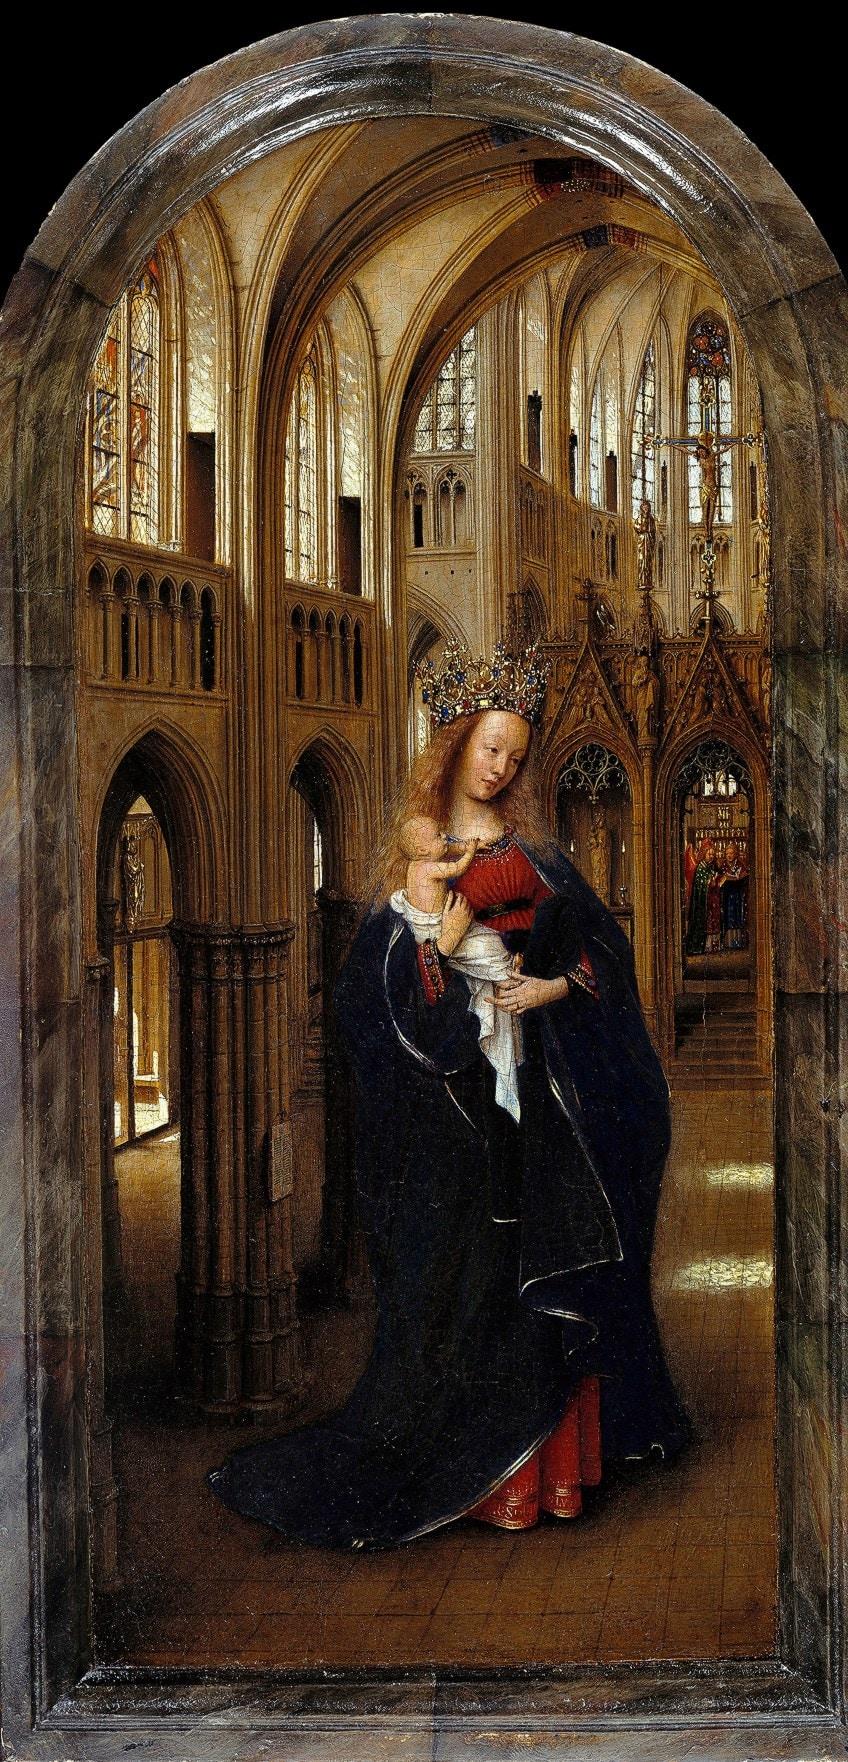 Jan van Eyck Portrait Paintings